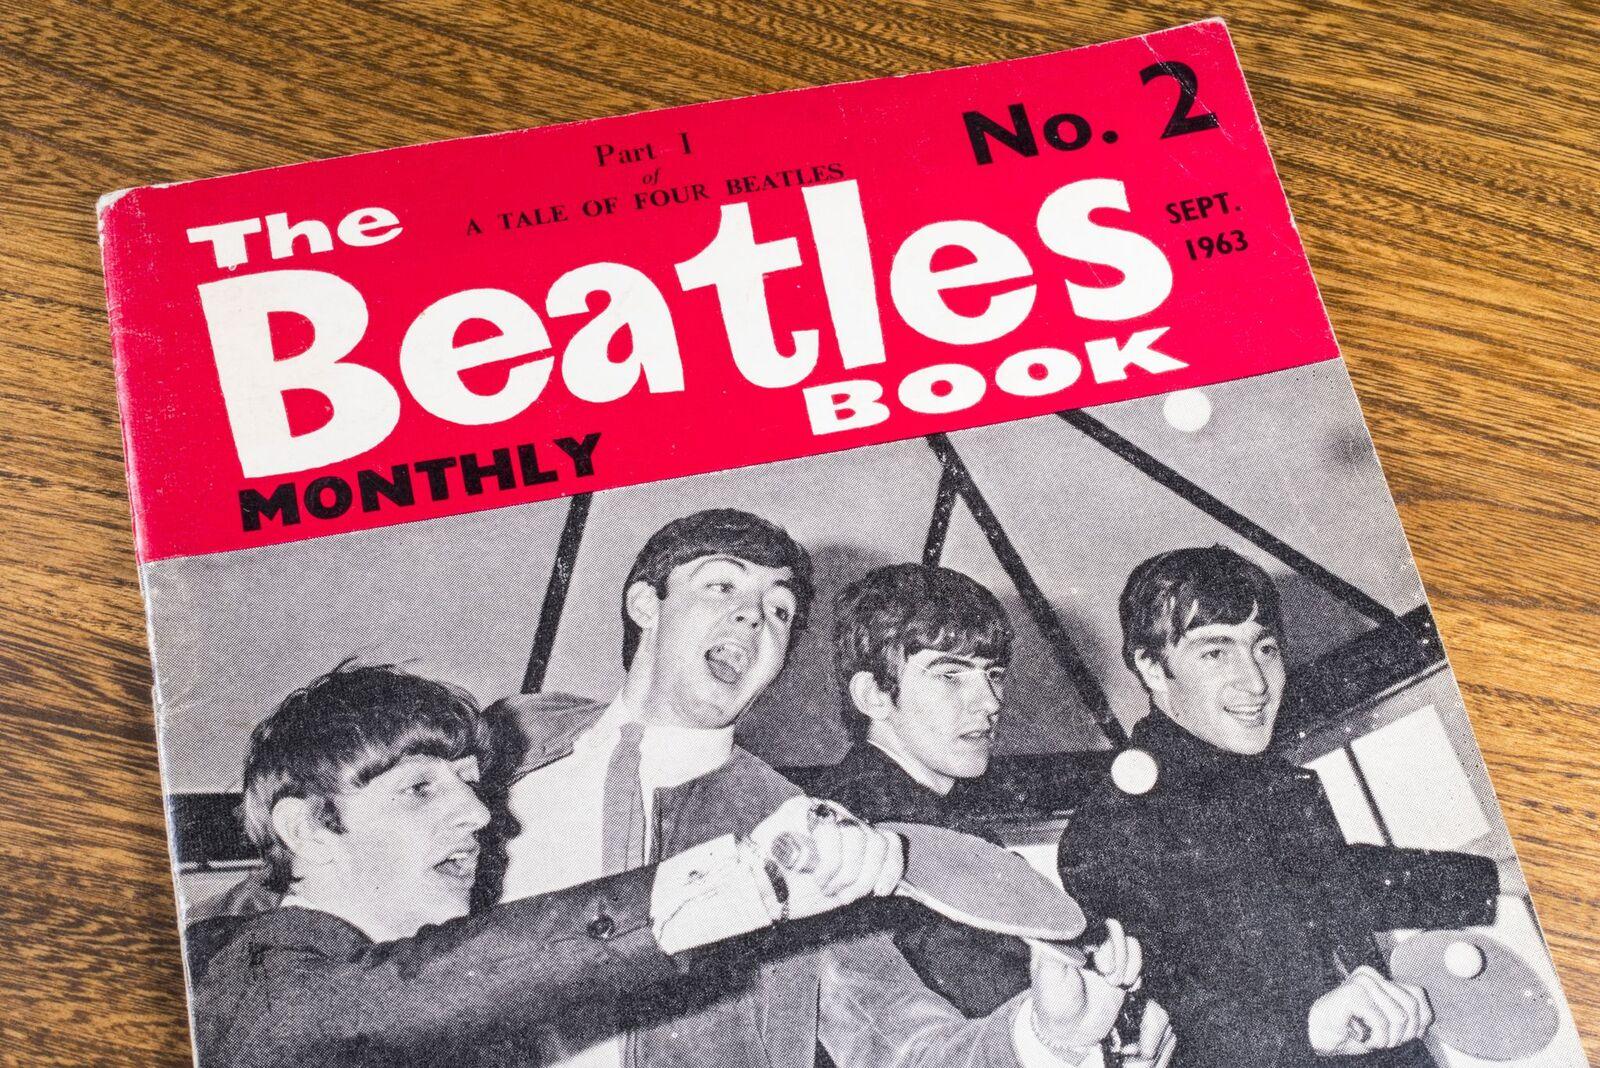 披頭四的音樂版權之爭:明明是要買自己的歌曲,為什麼得要付2000萬英鎊呢?這不是很奇怪嗎?